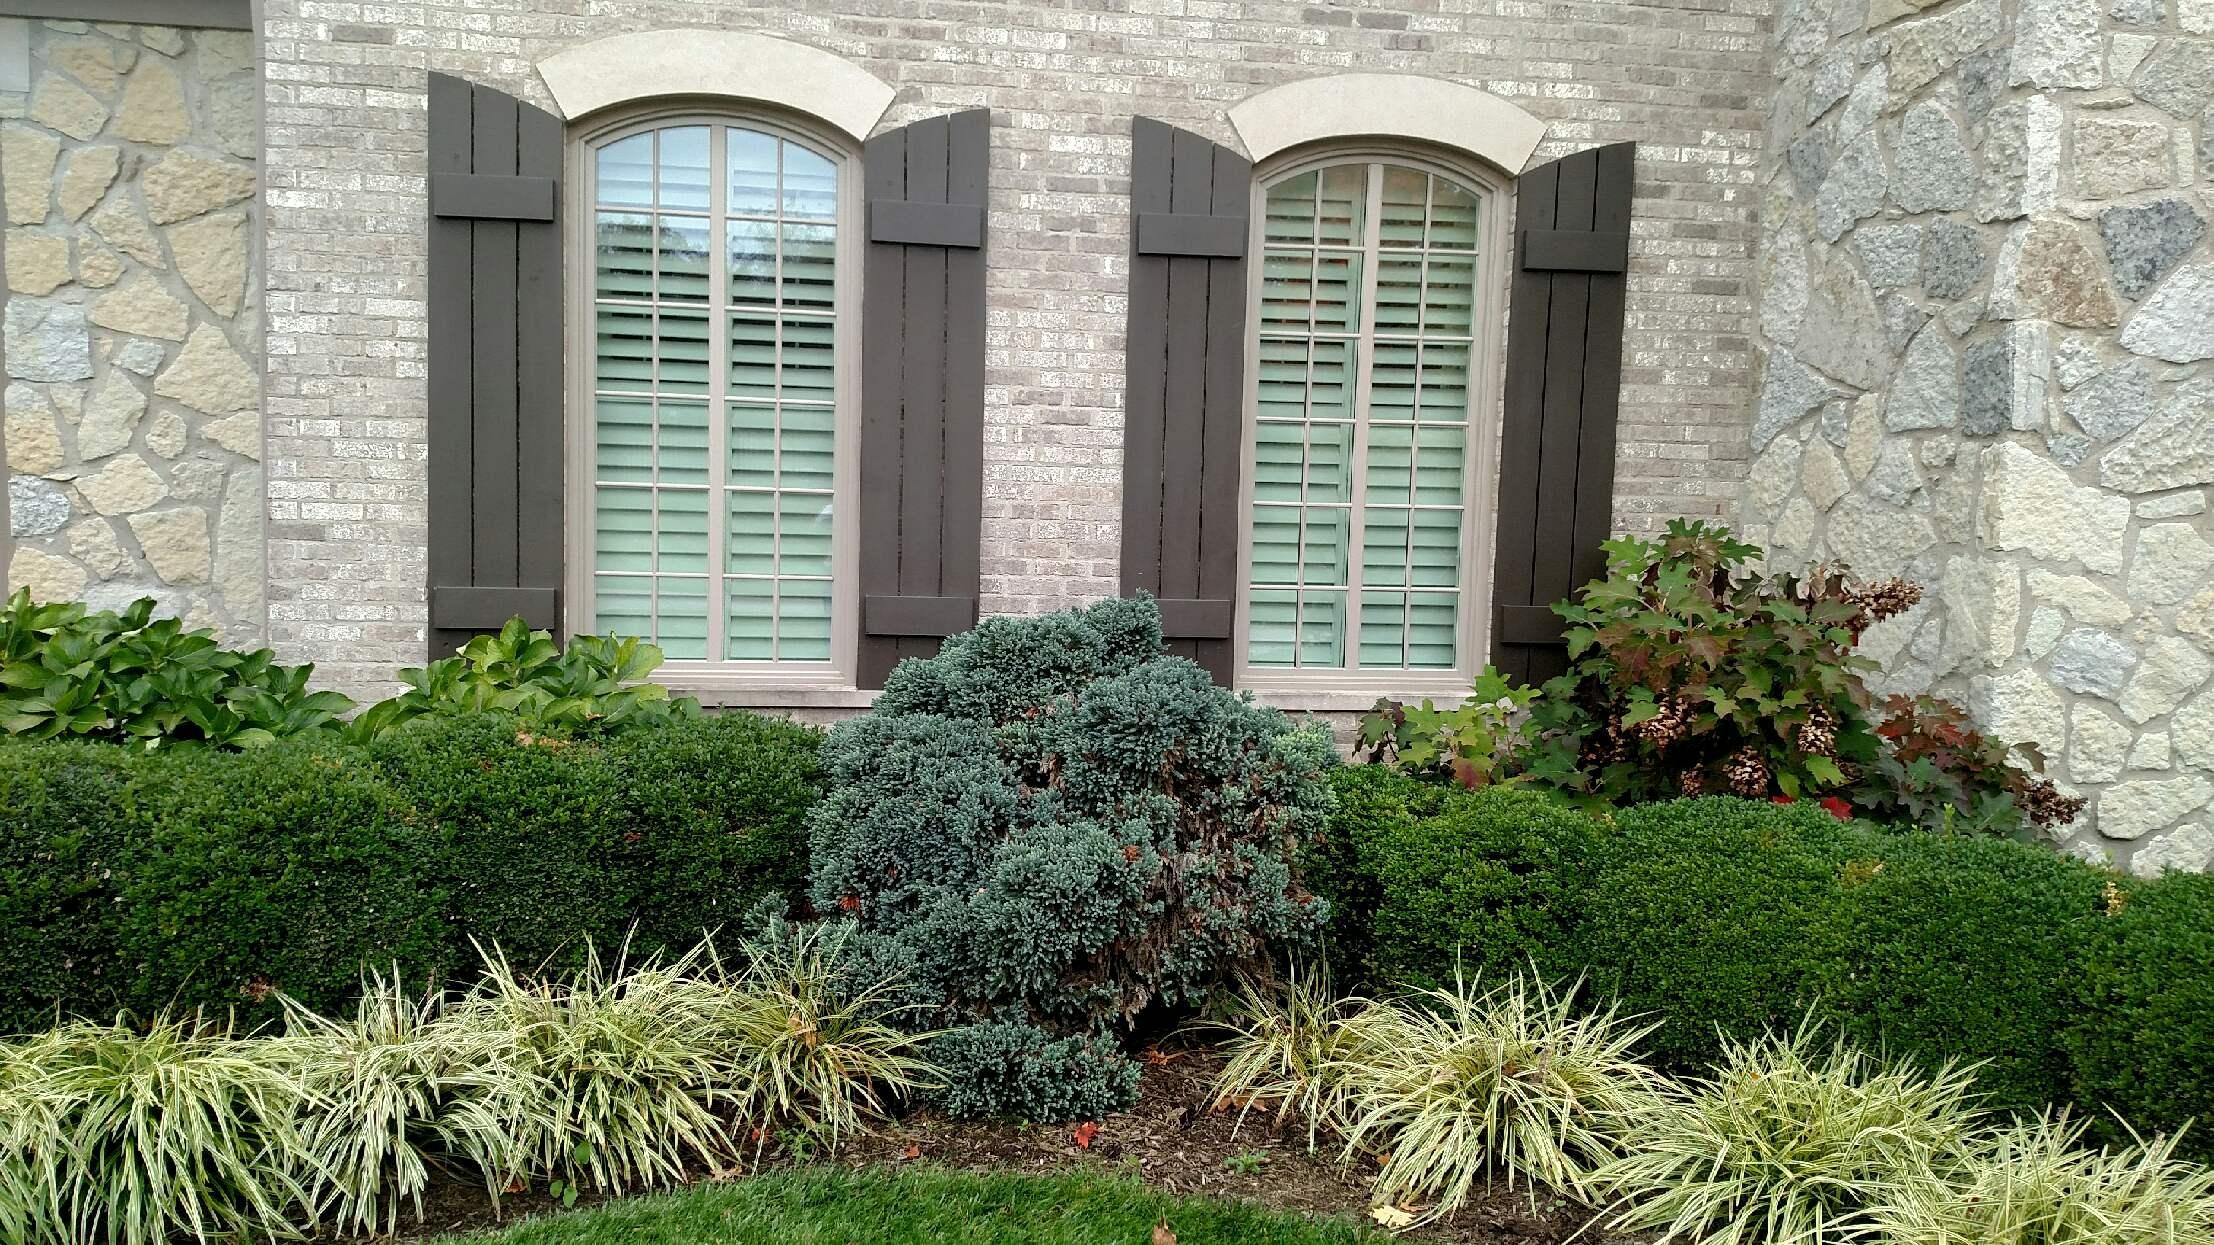 Anderson windows andersen windows - Image